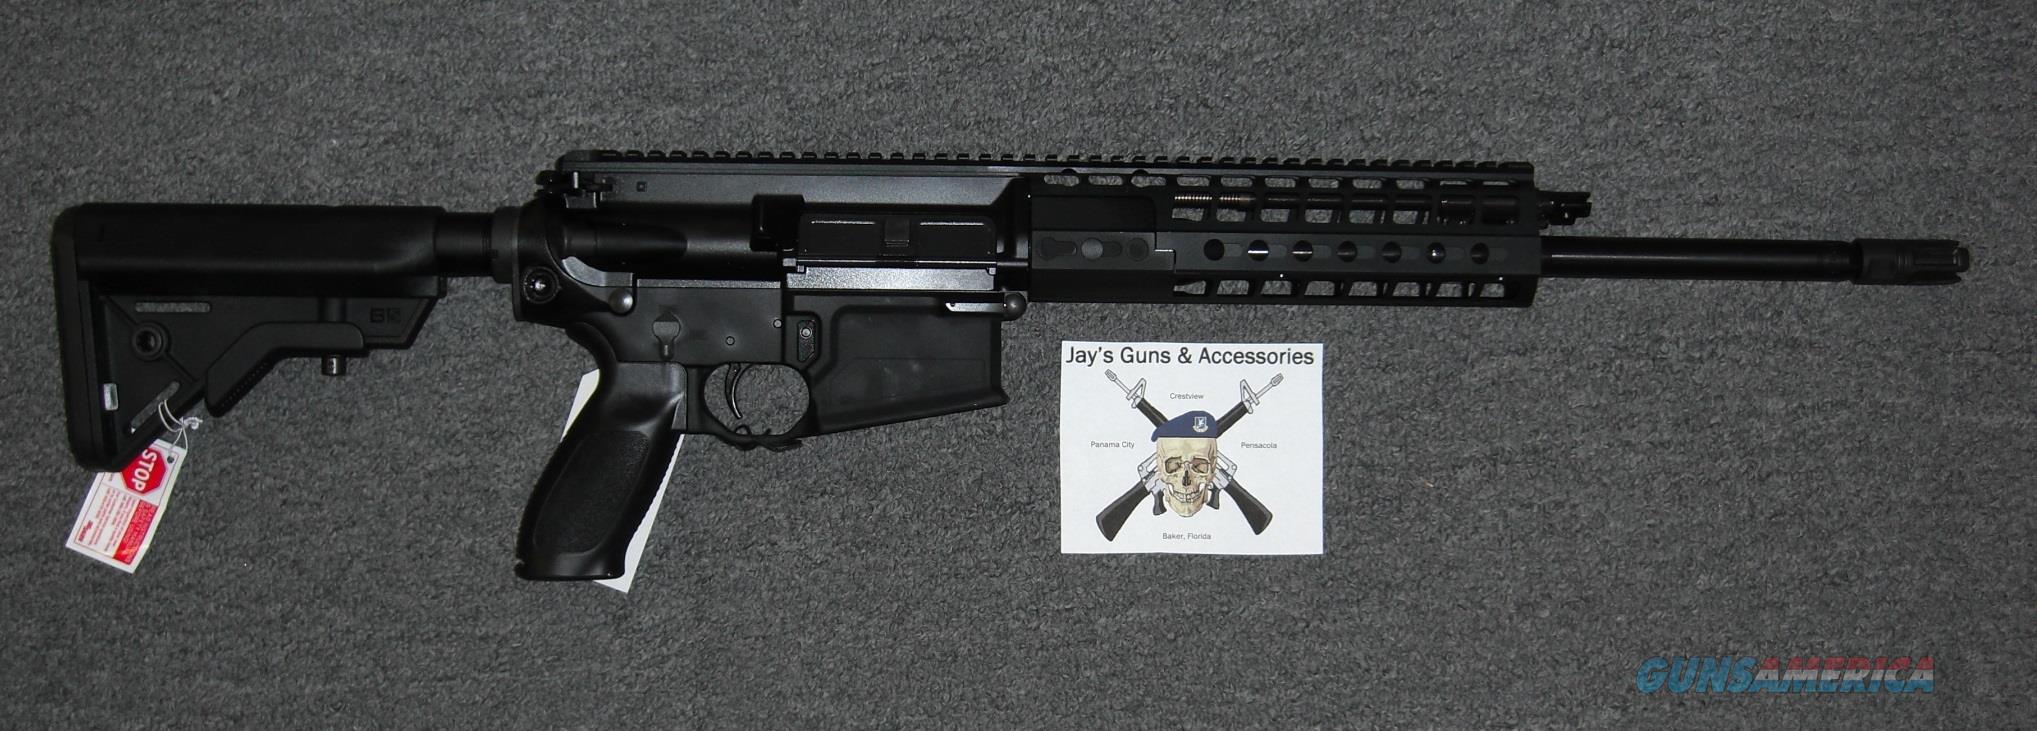 Sig Sauer 716 G2 (R716G2-16B-P) in .308 win  Guns > Rifles > Sig - Sauer/Sigarms Rifles